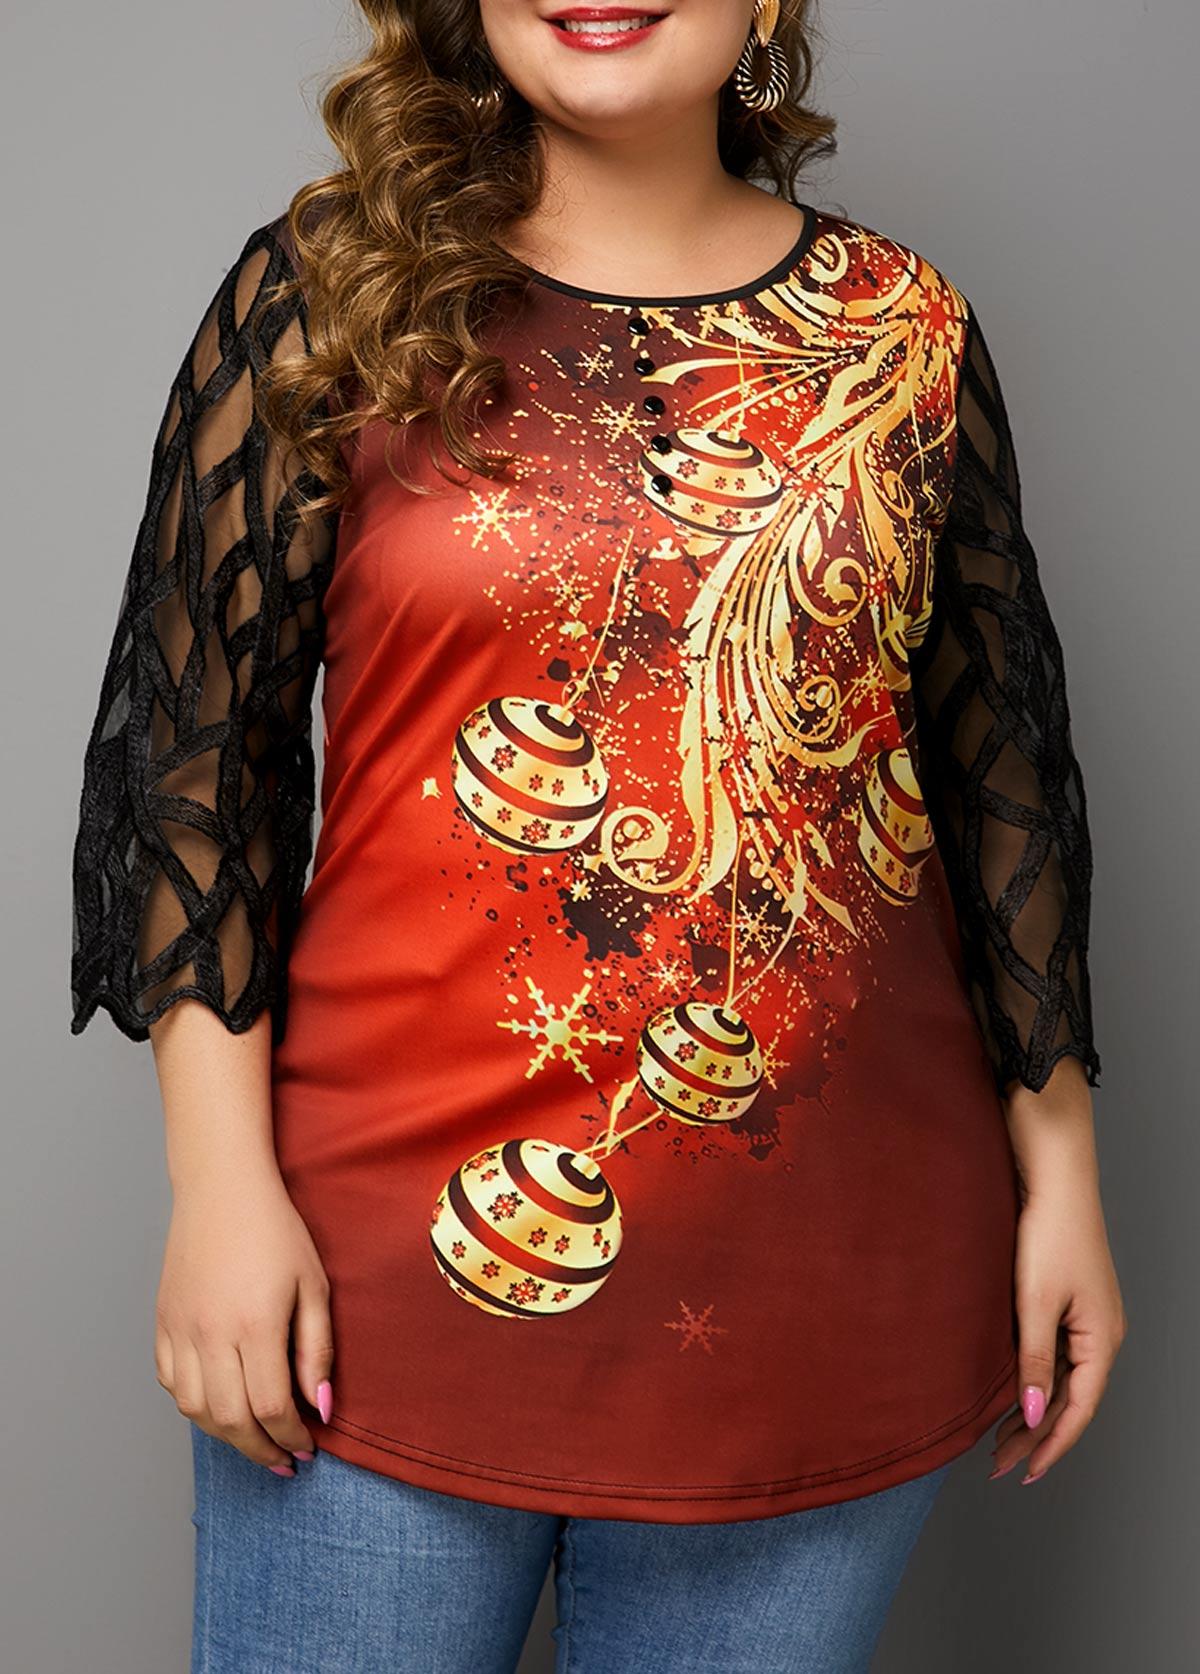 ROTITA Mesh Stitching Christmas Print Round Neck T Shirt